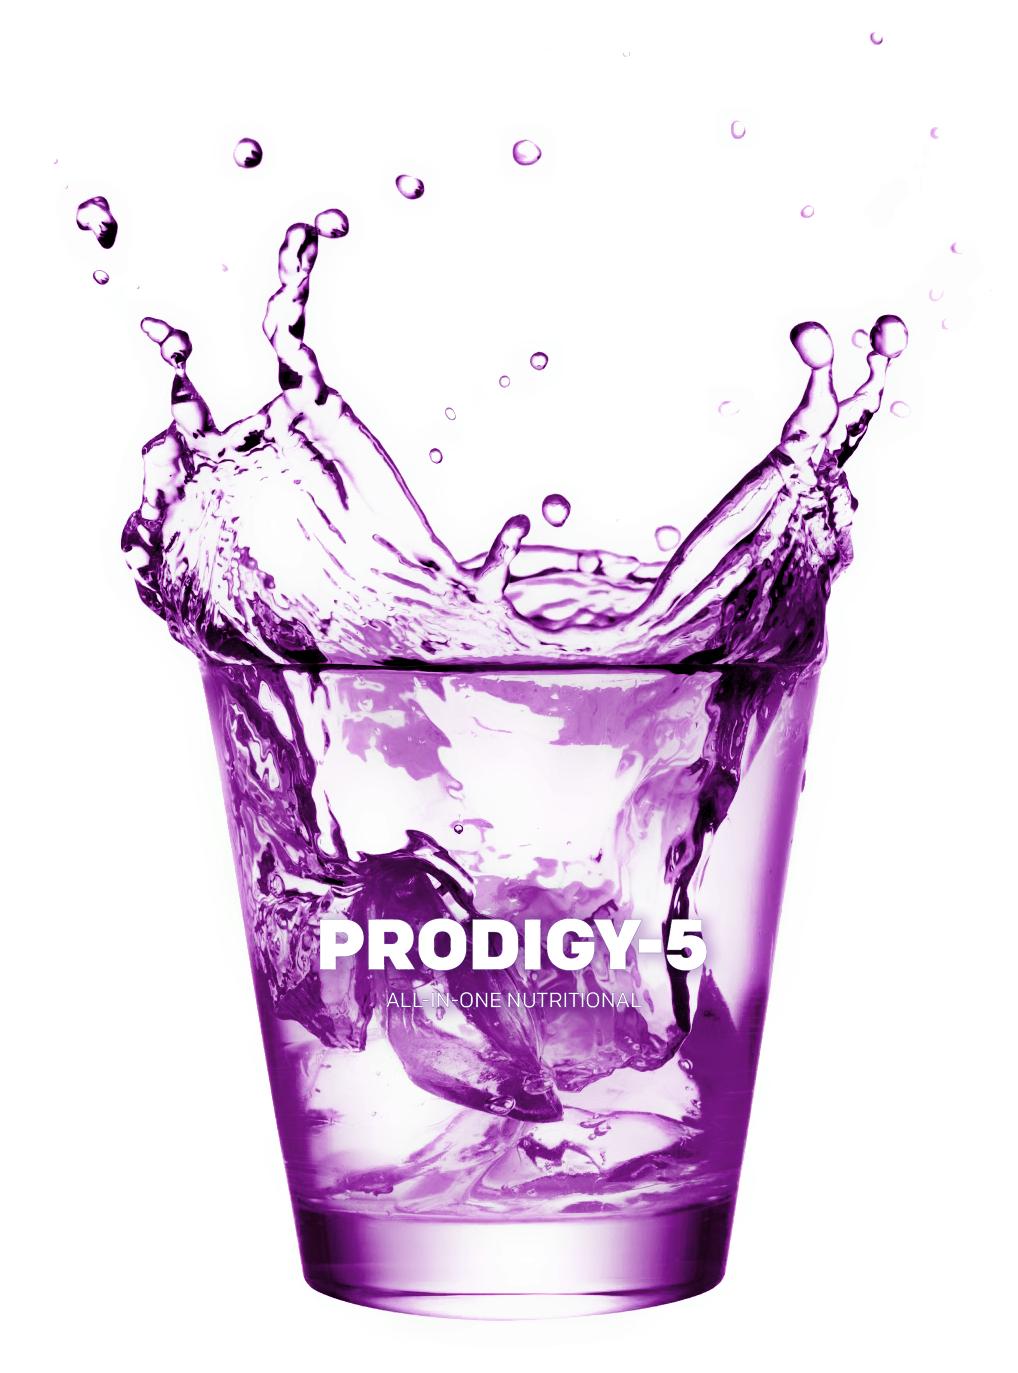 Prodigy5 Glass